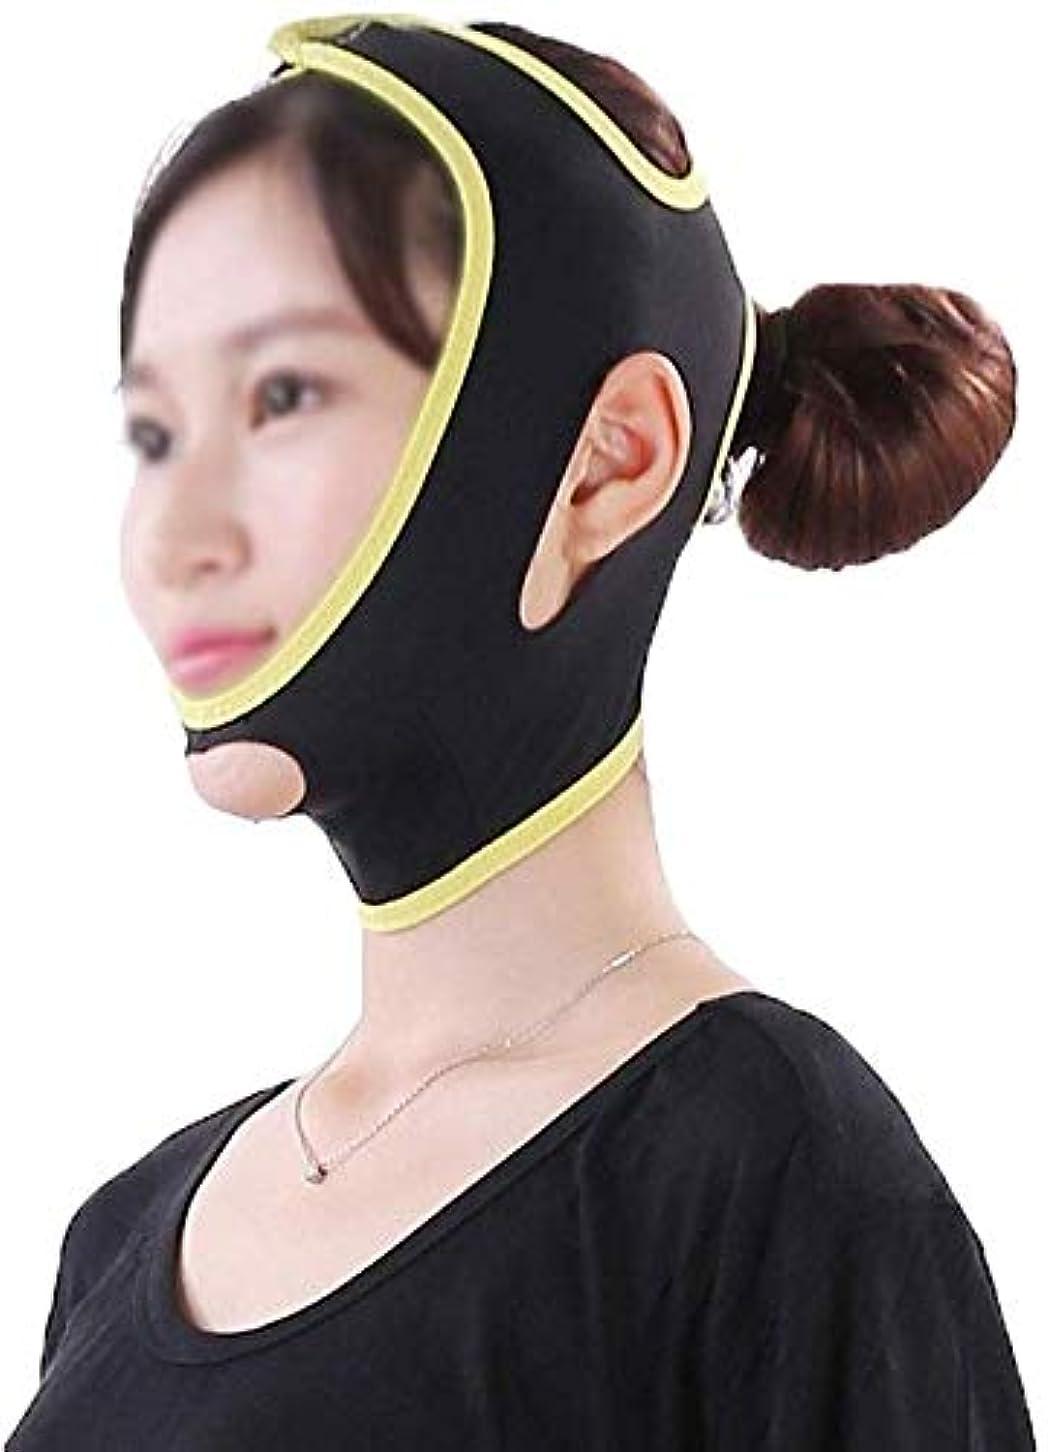 ハードリング公平バンガロー美容と実用的なフェイスアンドネックリフト、フェイスリフトマスク強力なフェイスマスクフェイスリフトアーティファクトフェイスリフティングフェイスリフティングツールフェイスリフティング包帯薄いフェイスマスク美容マスク